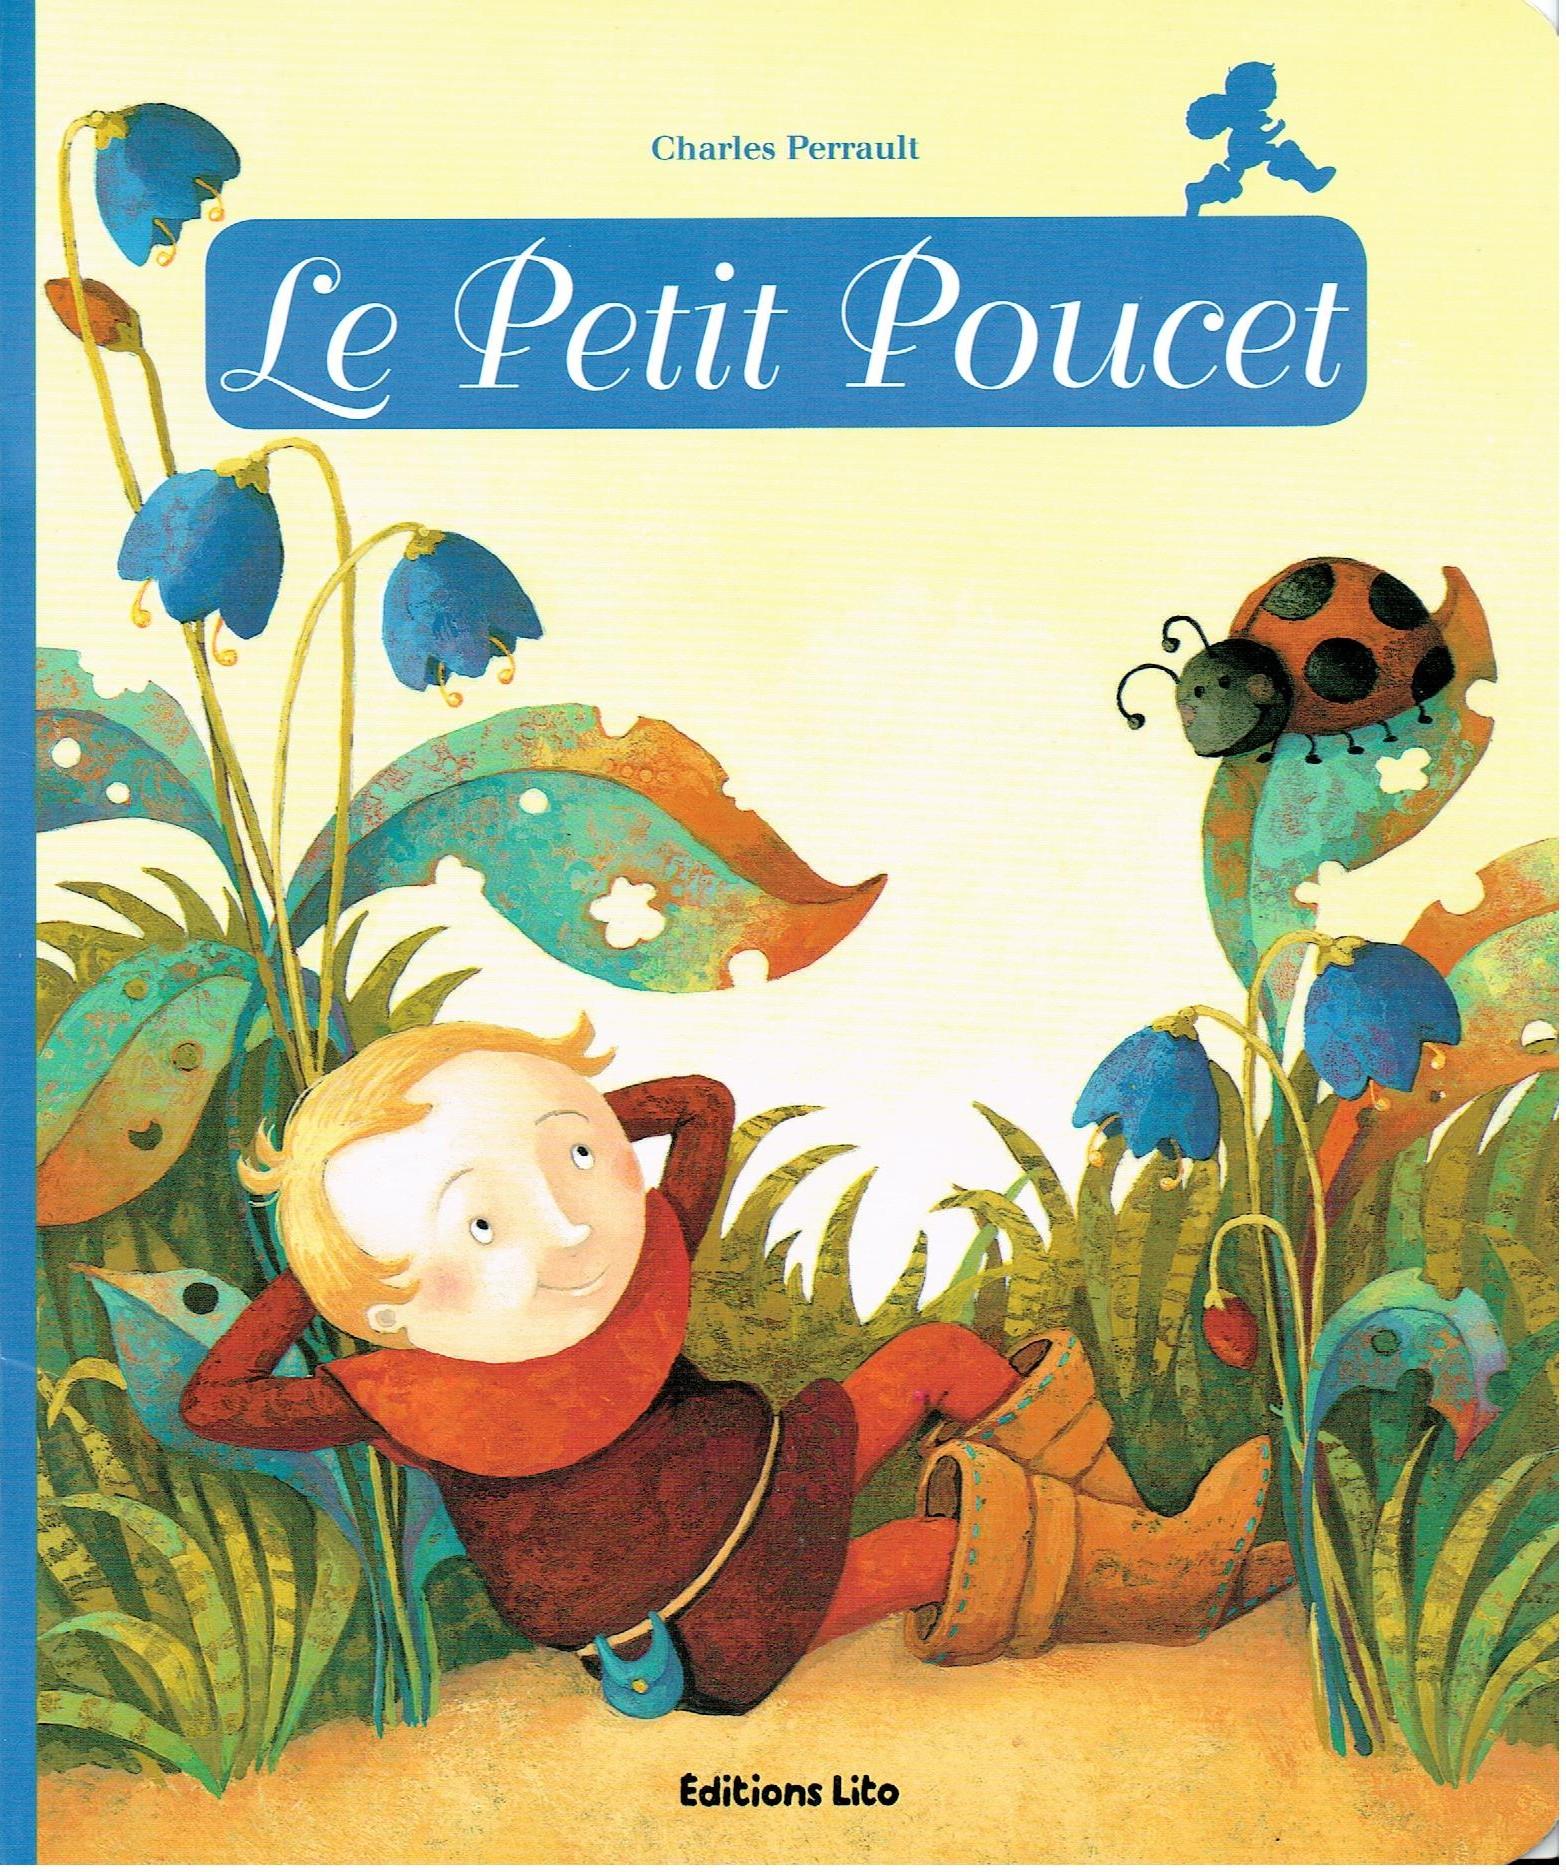 Tapuscrit : Le Petit Poucet